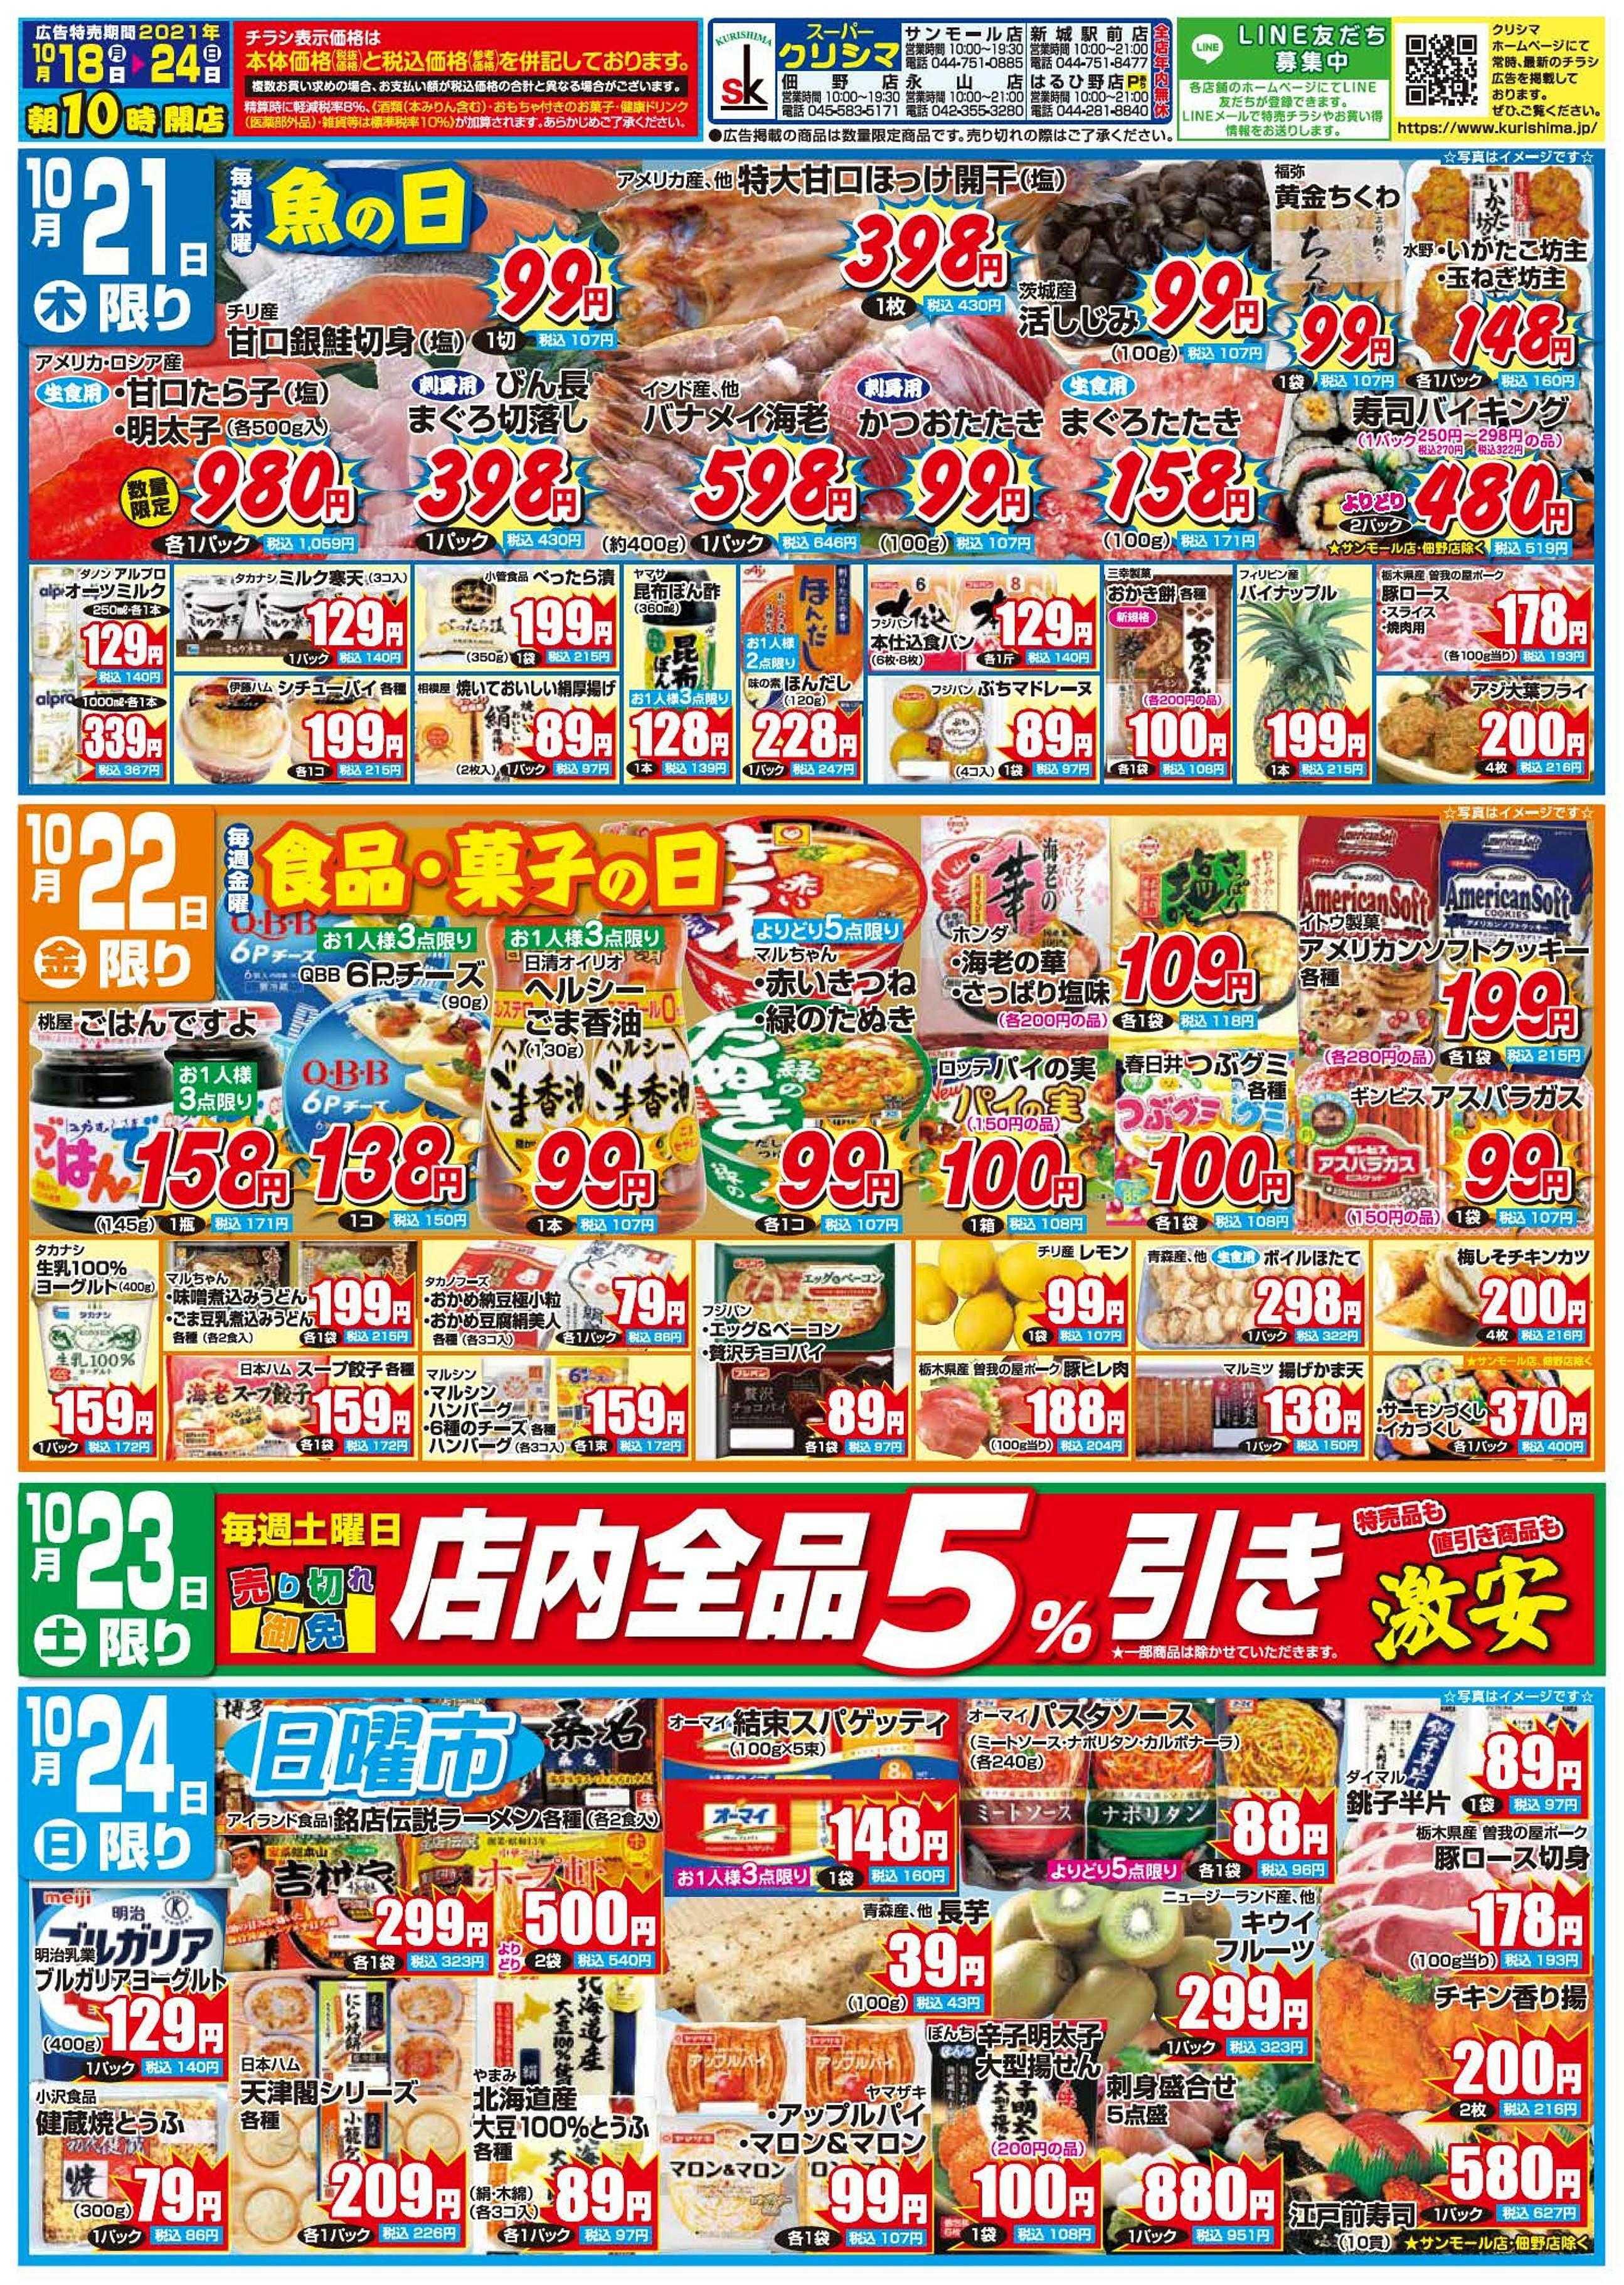 スーパークリシマ スーパークリシマの週間特売のお知らせです!